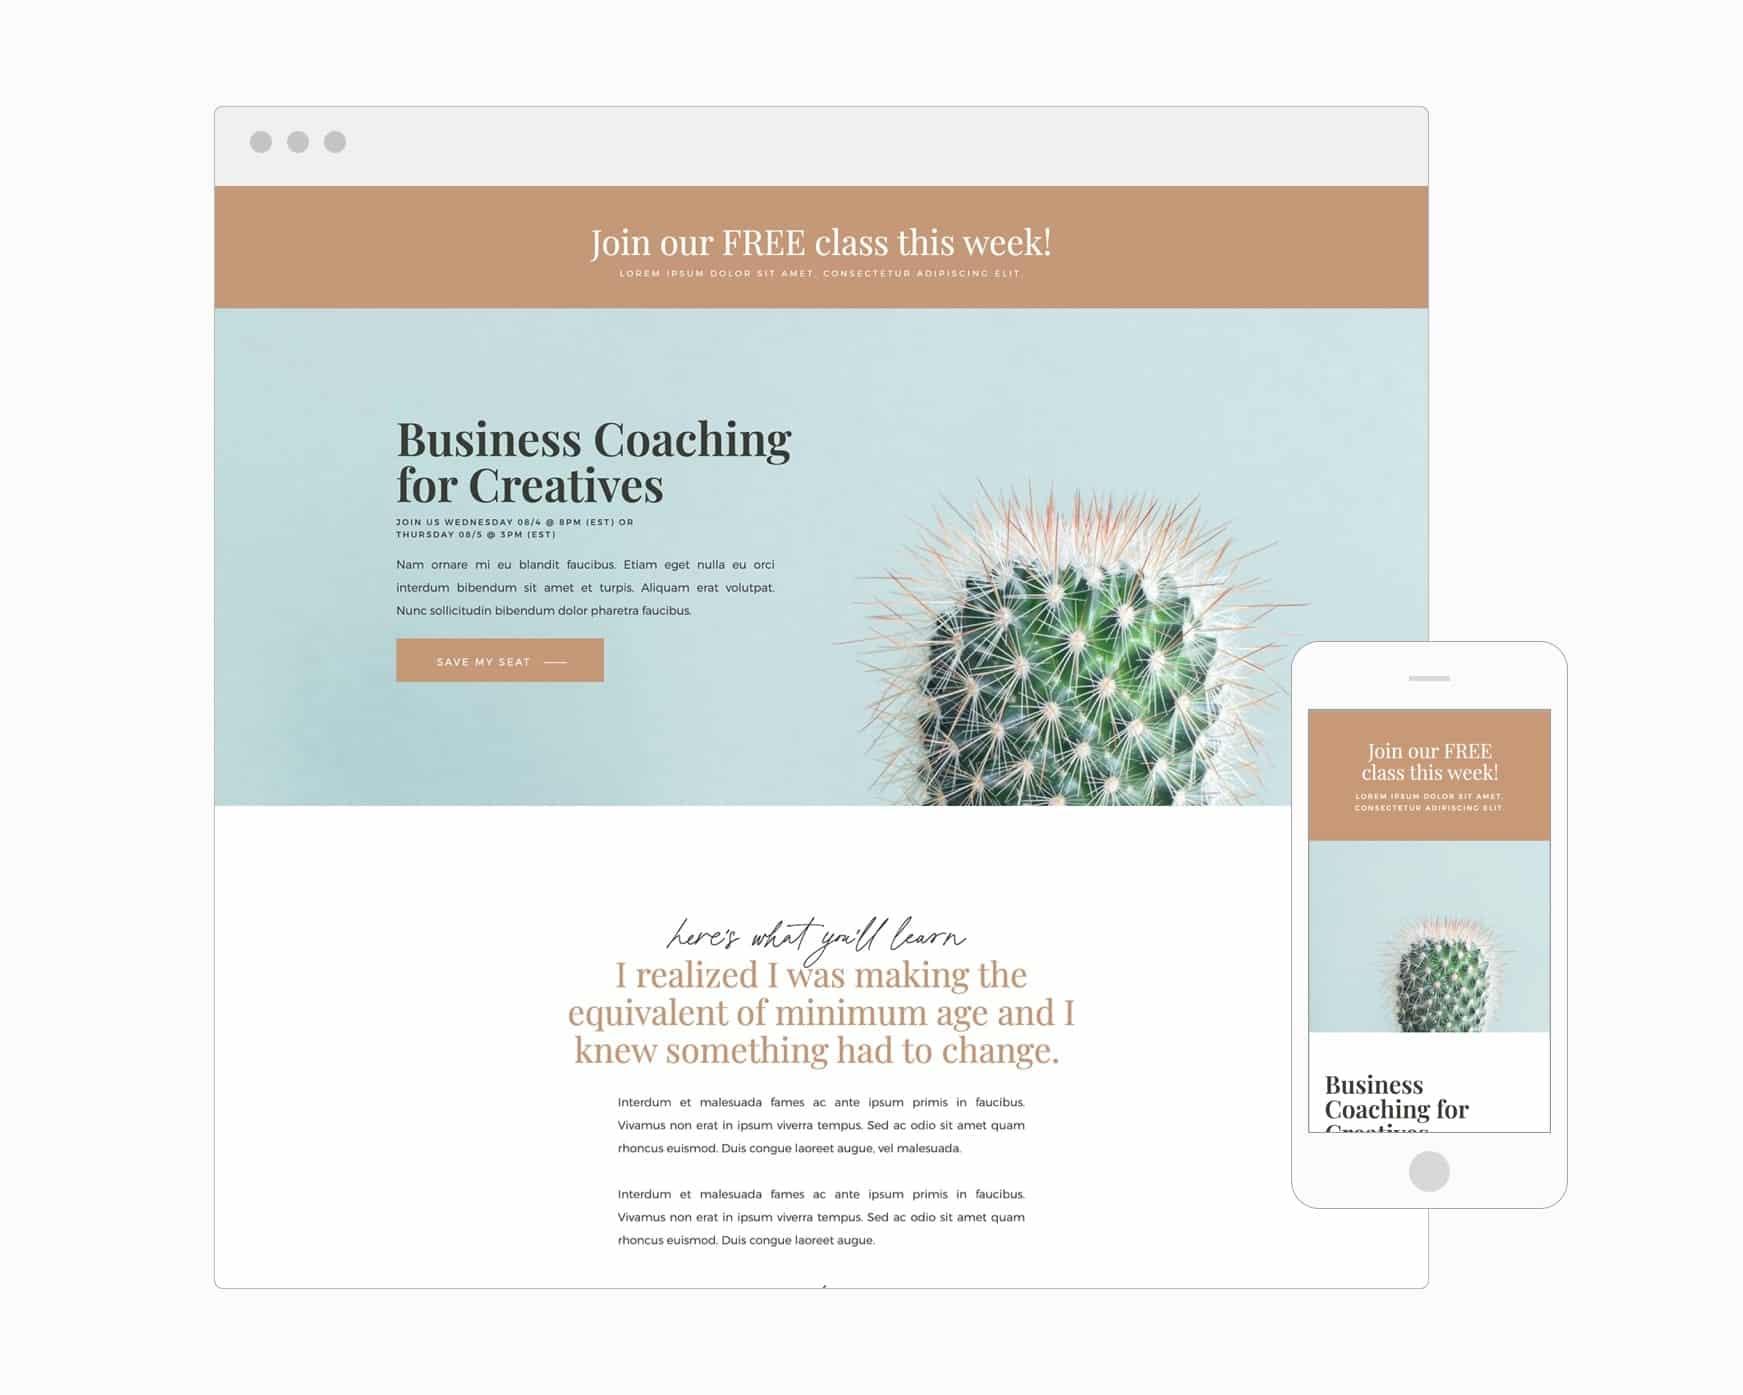 Webinar Registration Page (WordPress)